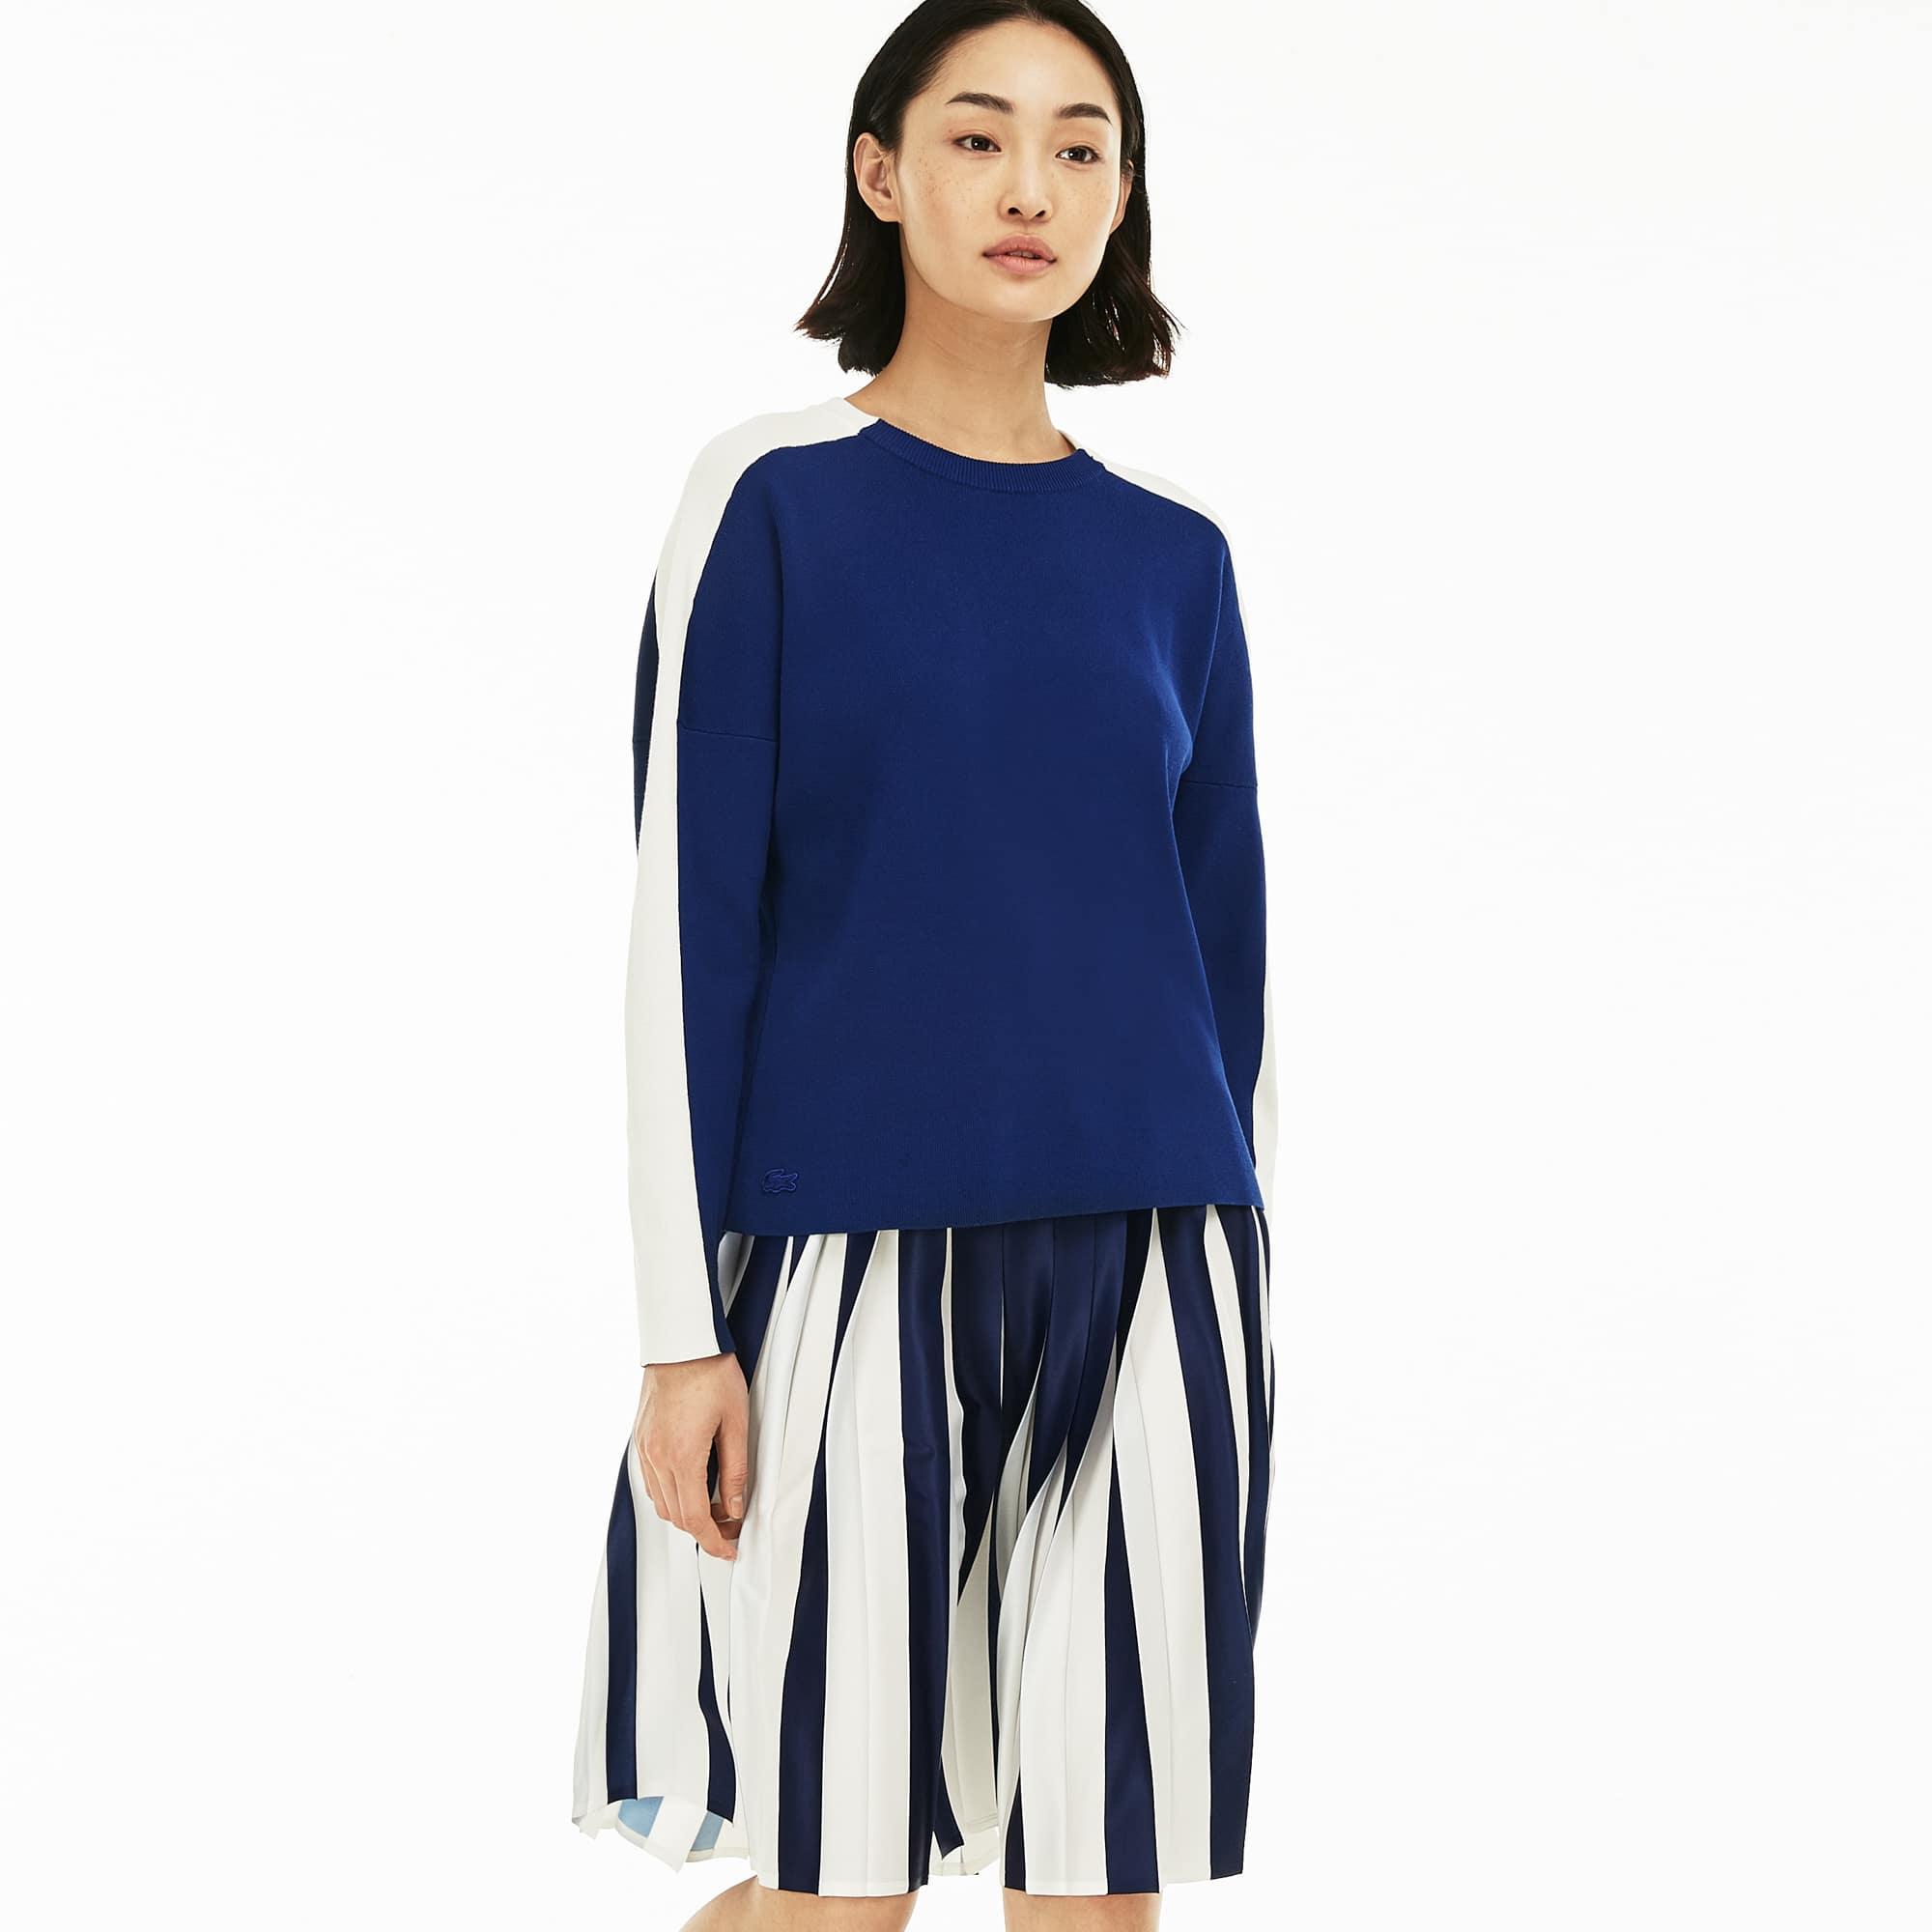 Women's Colorblock Sweatshirt